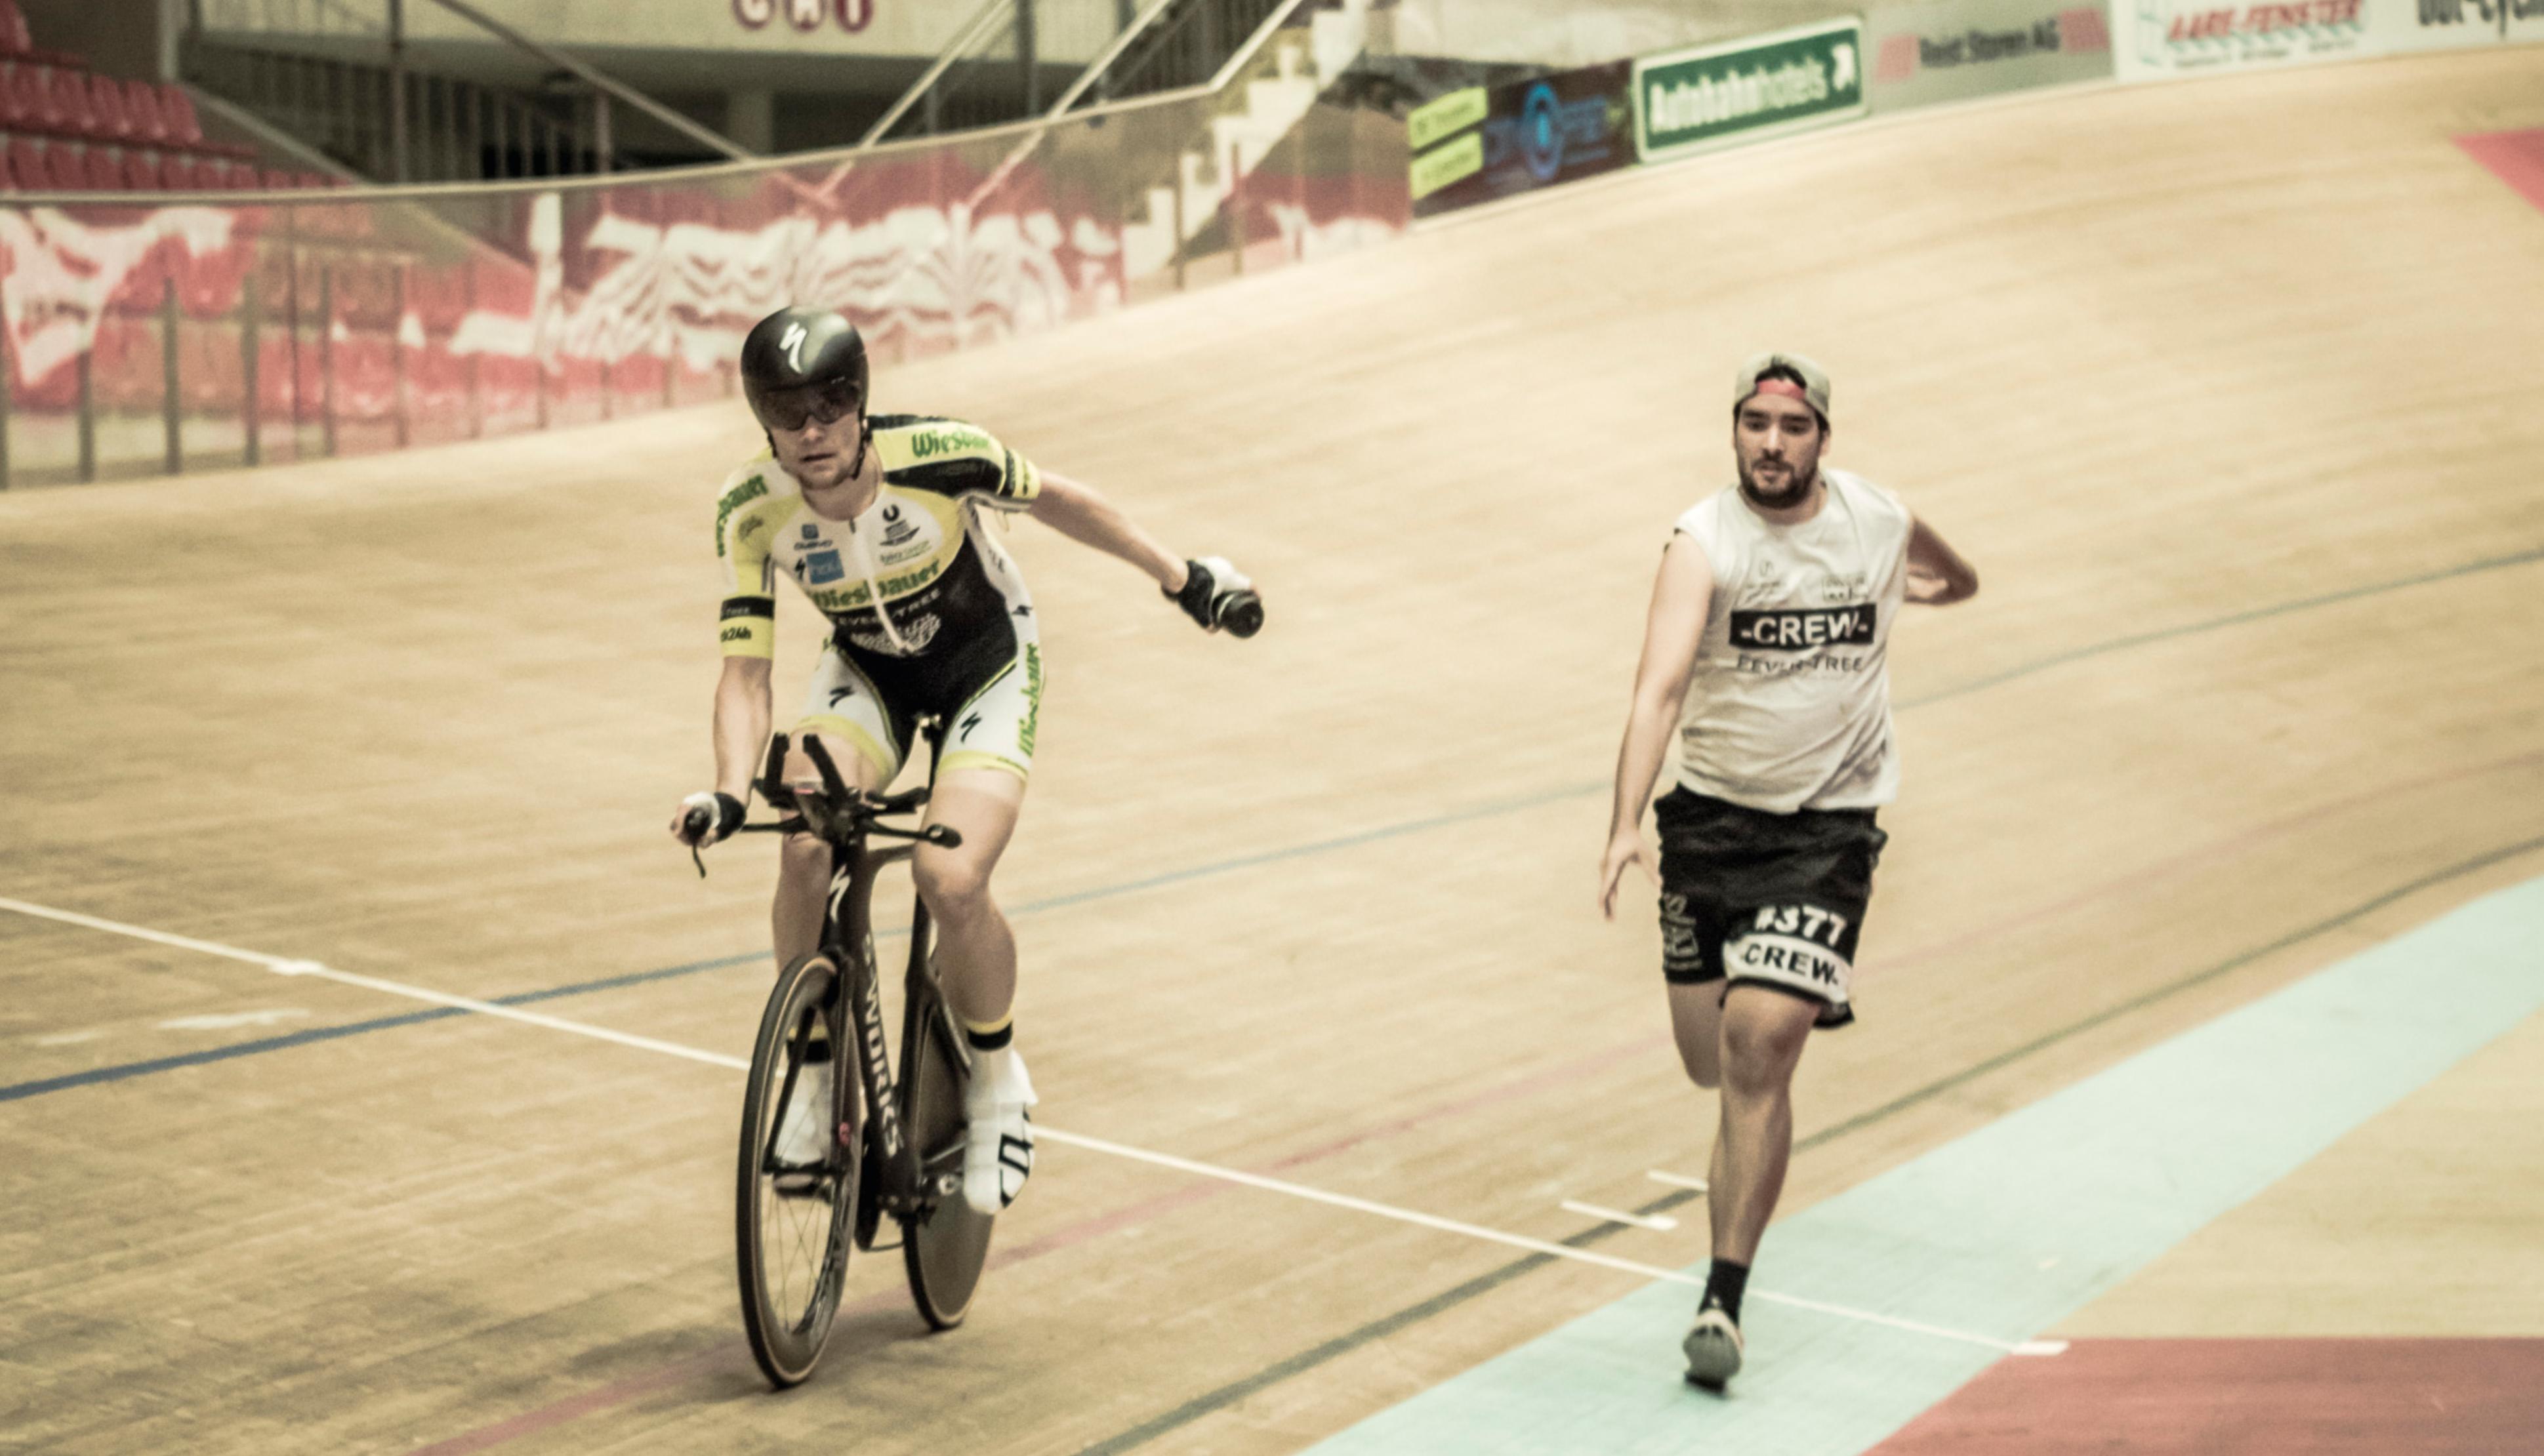 3767 Runden fuhr Christoph Strasse bei seinem neuen Weltrekord auf dem Fahrrad